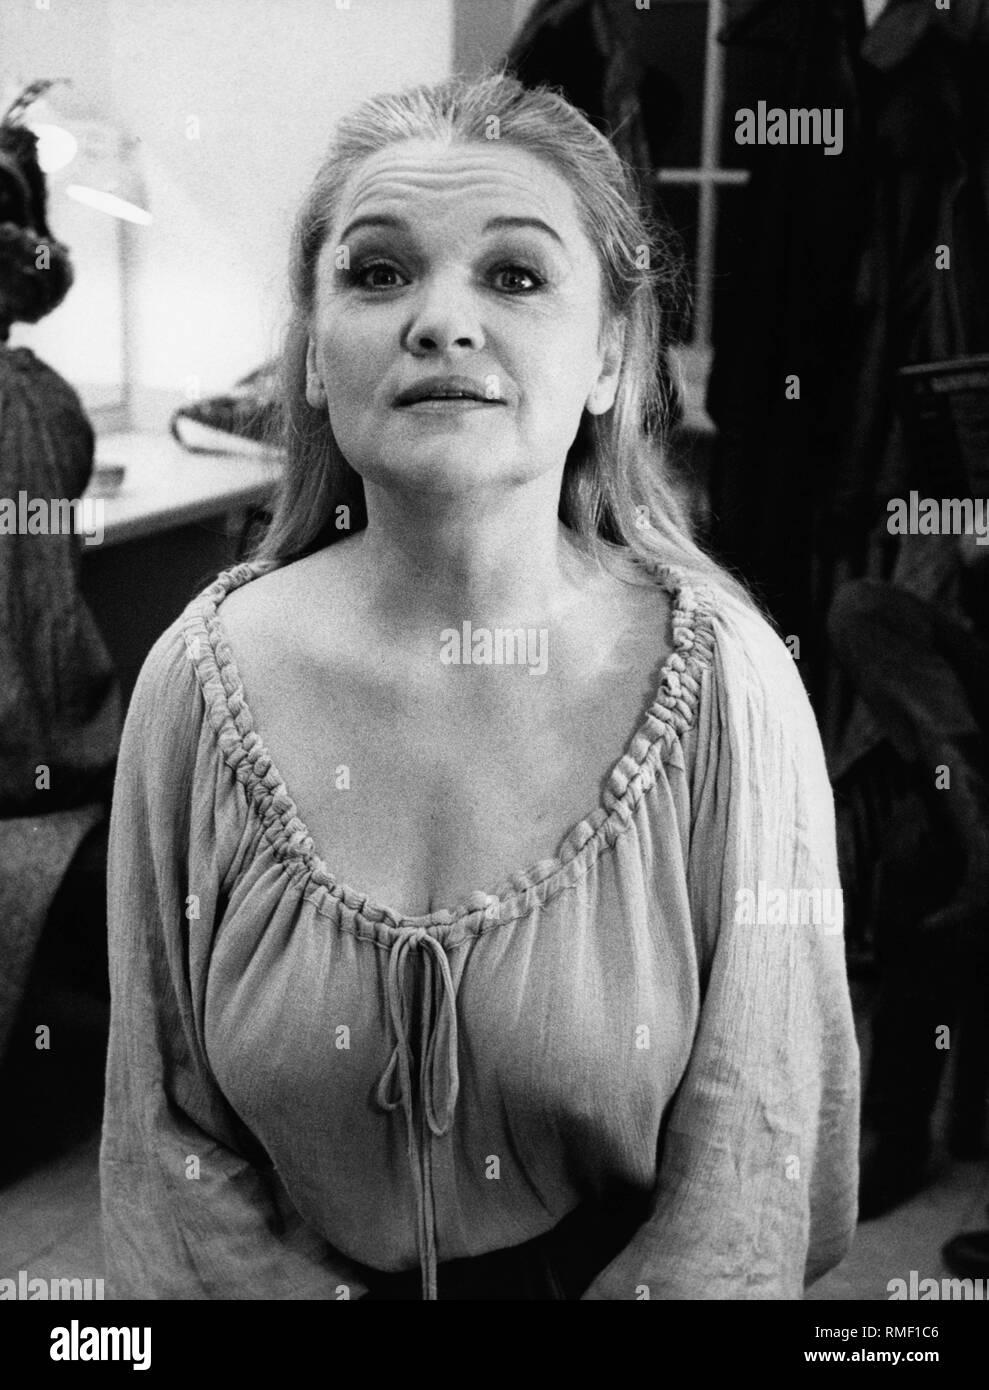 Die deutsche Schauspielerin und Sängerin Eva-Maria Hagen